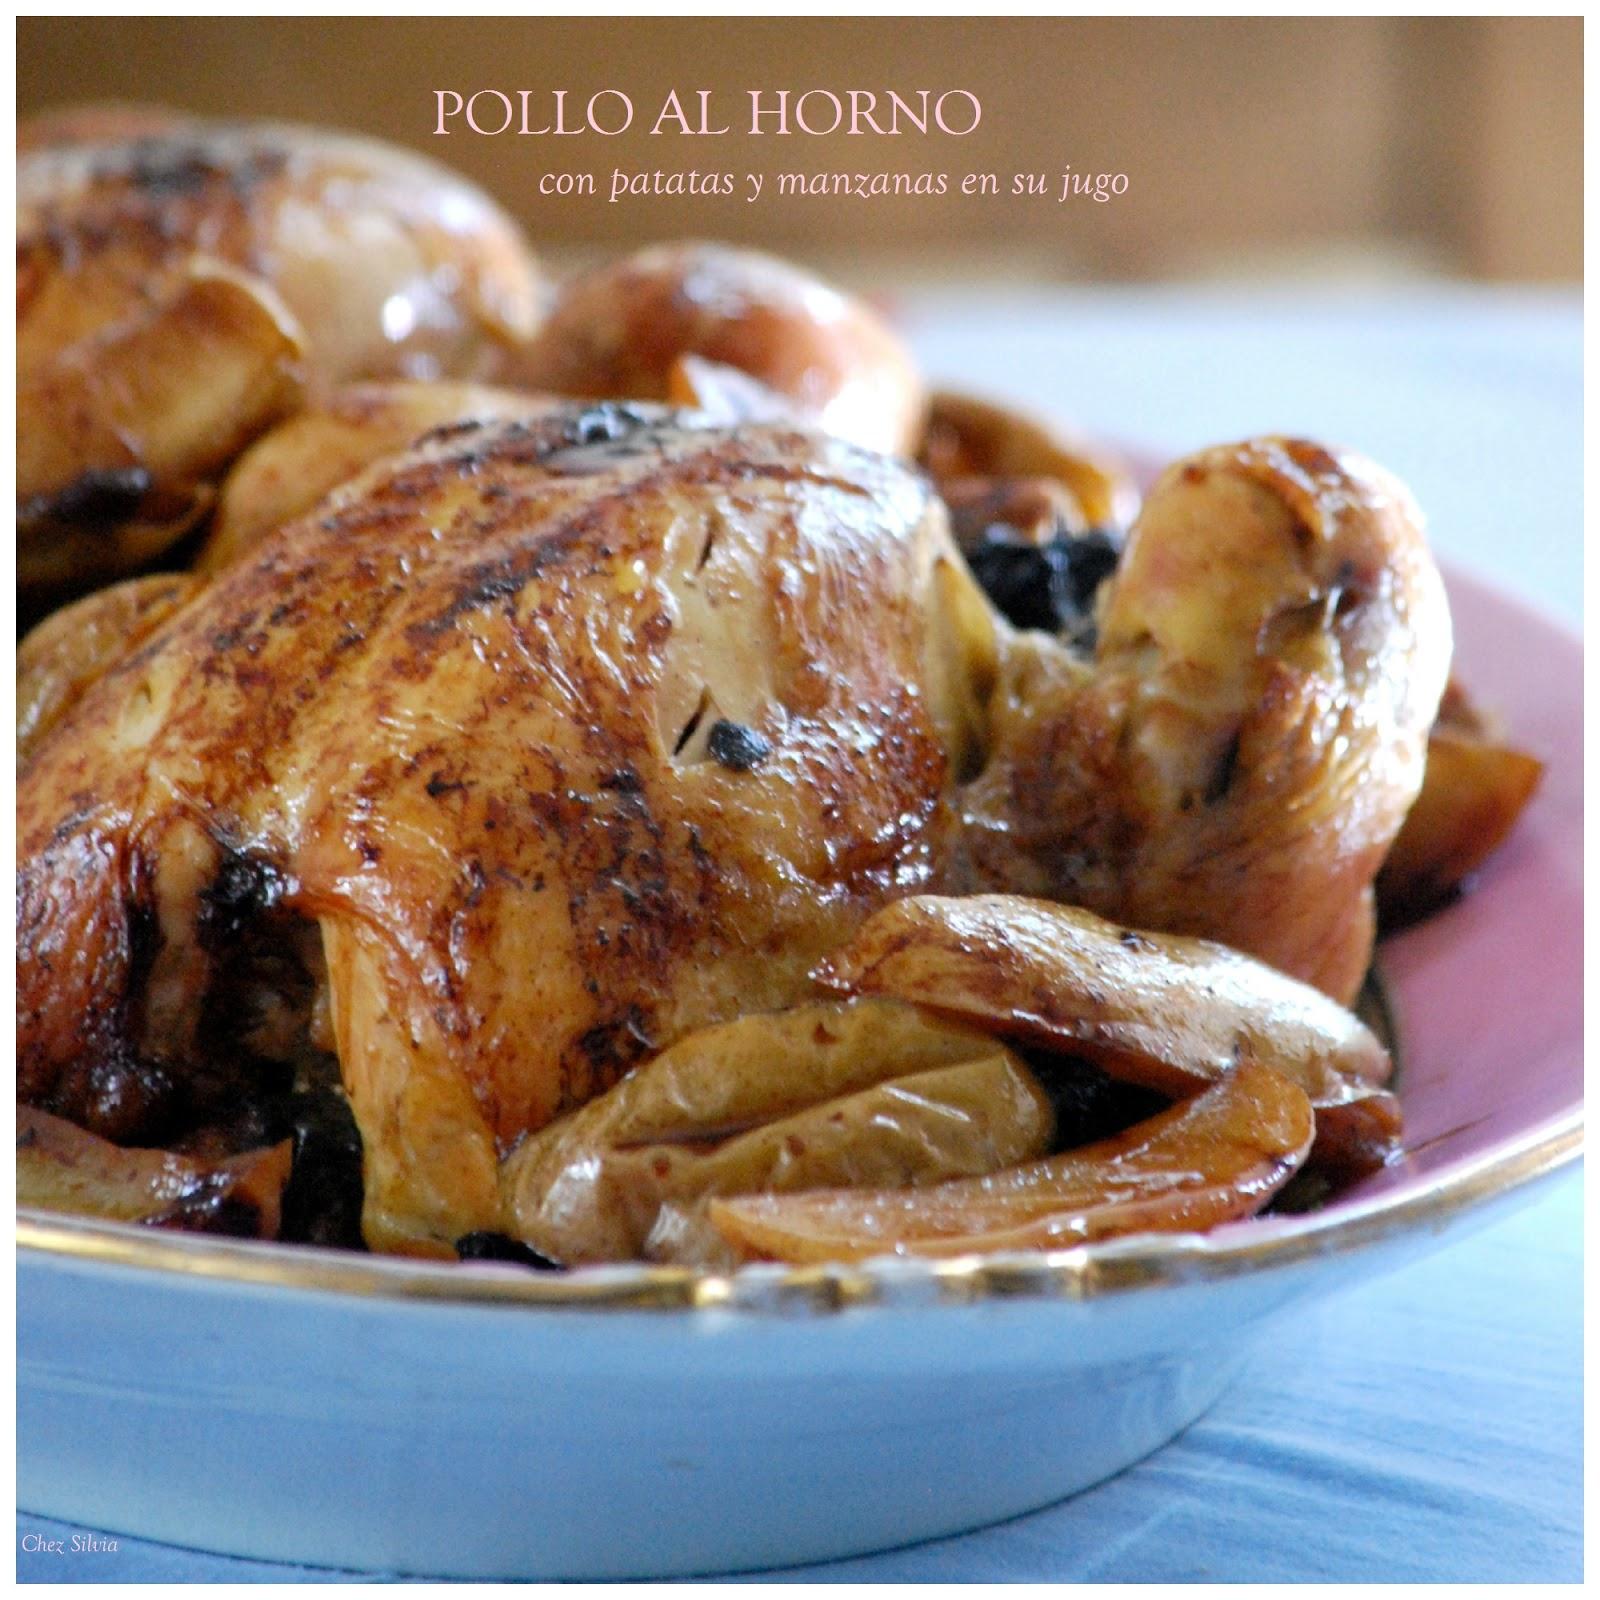 Pollo al horno con patatas y manzanas en su jugo. / Chez Silvia